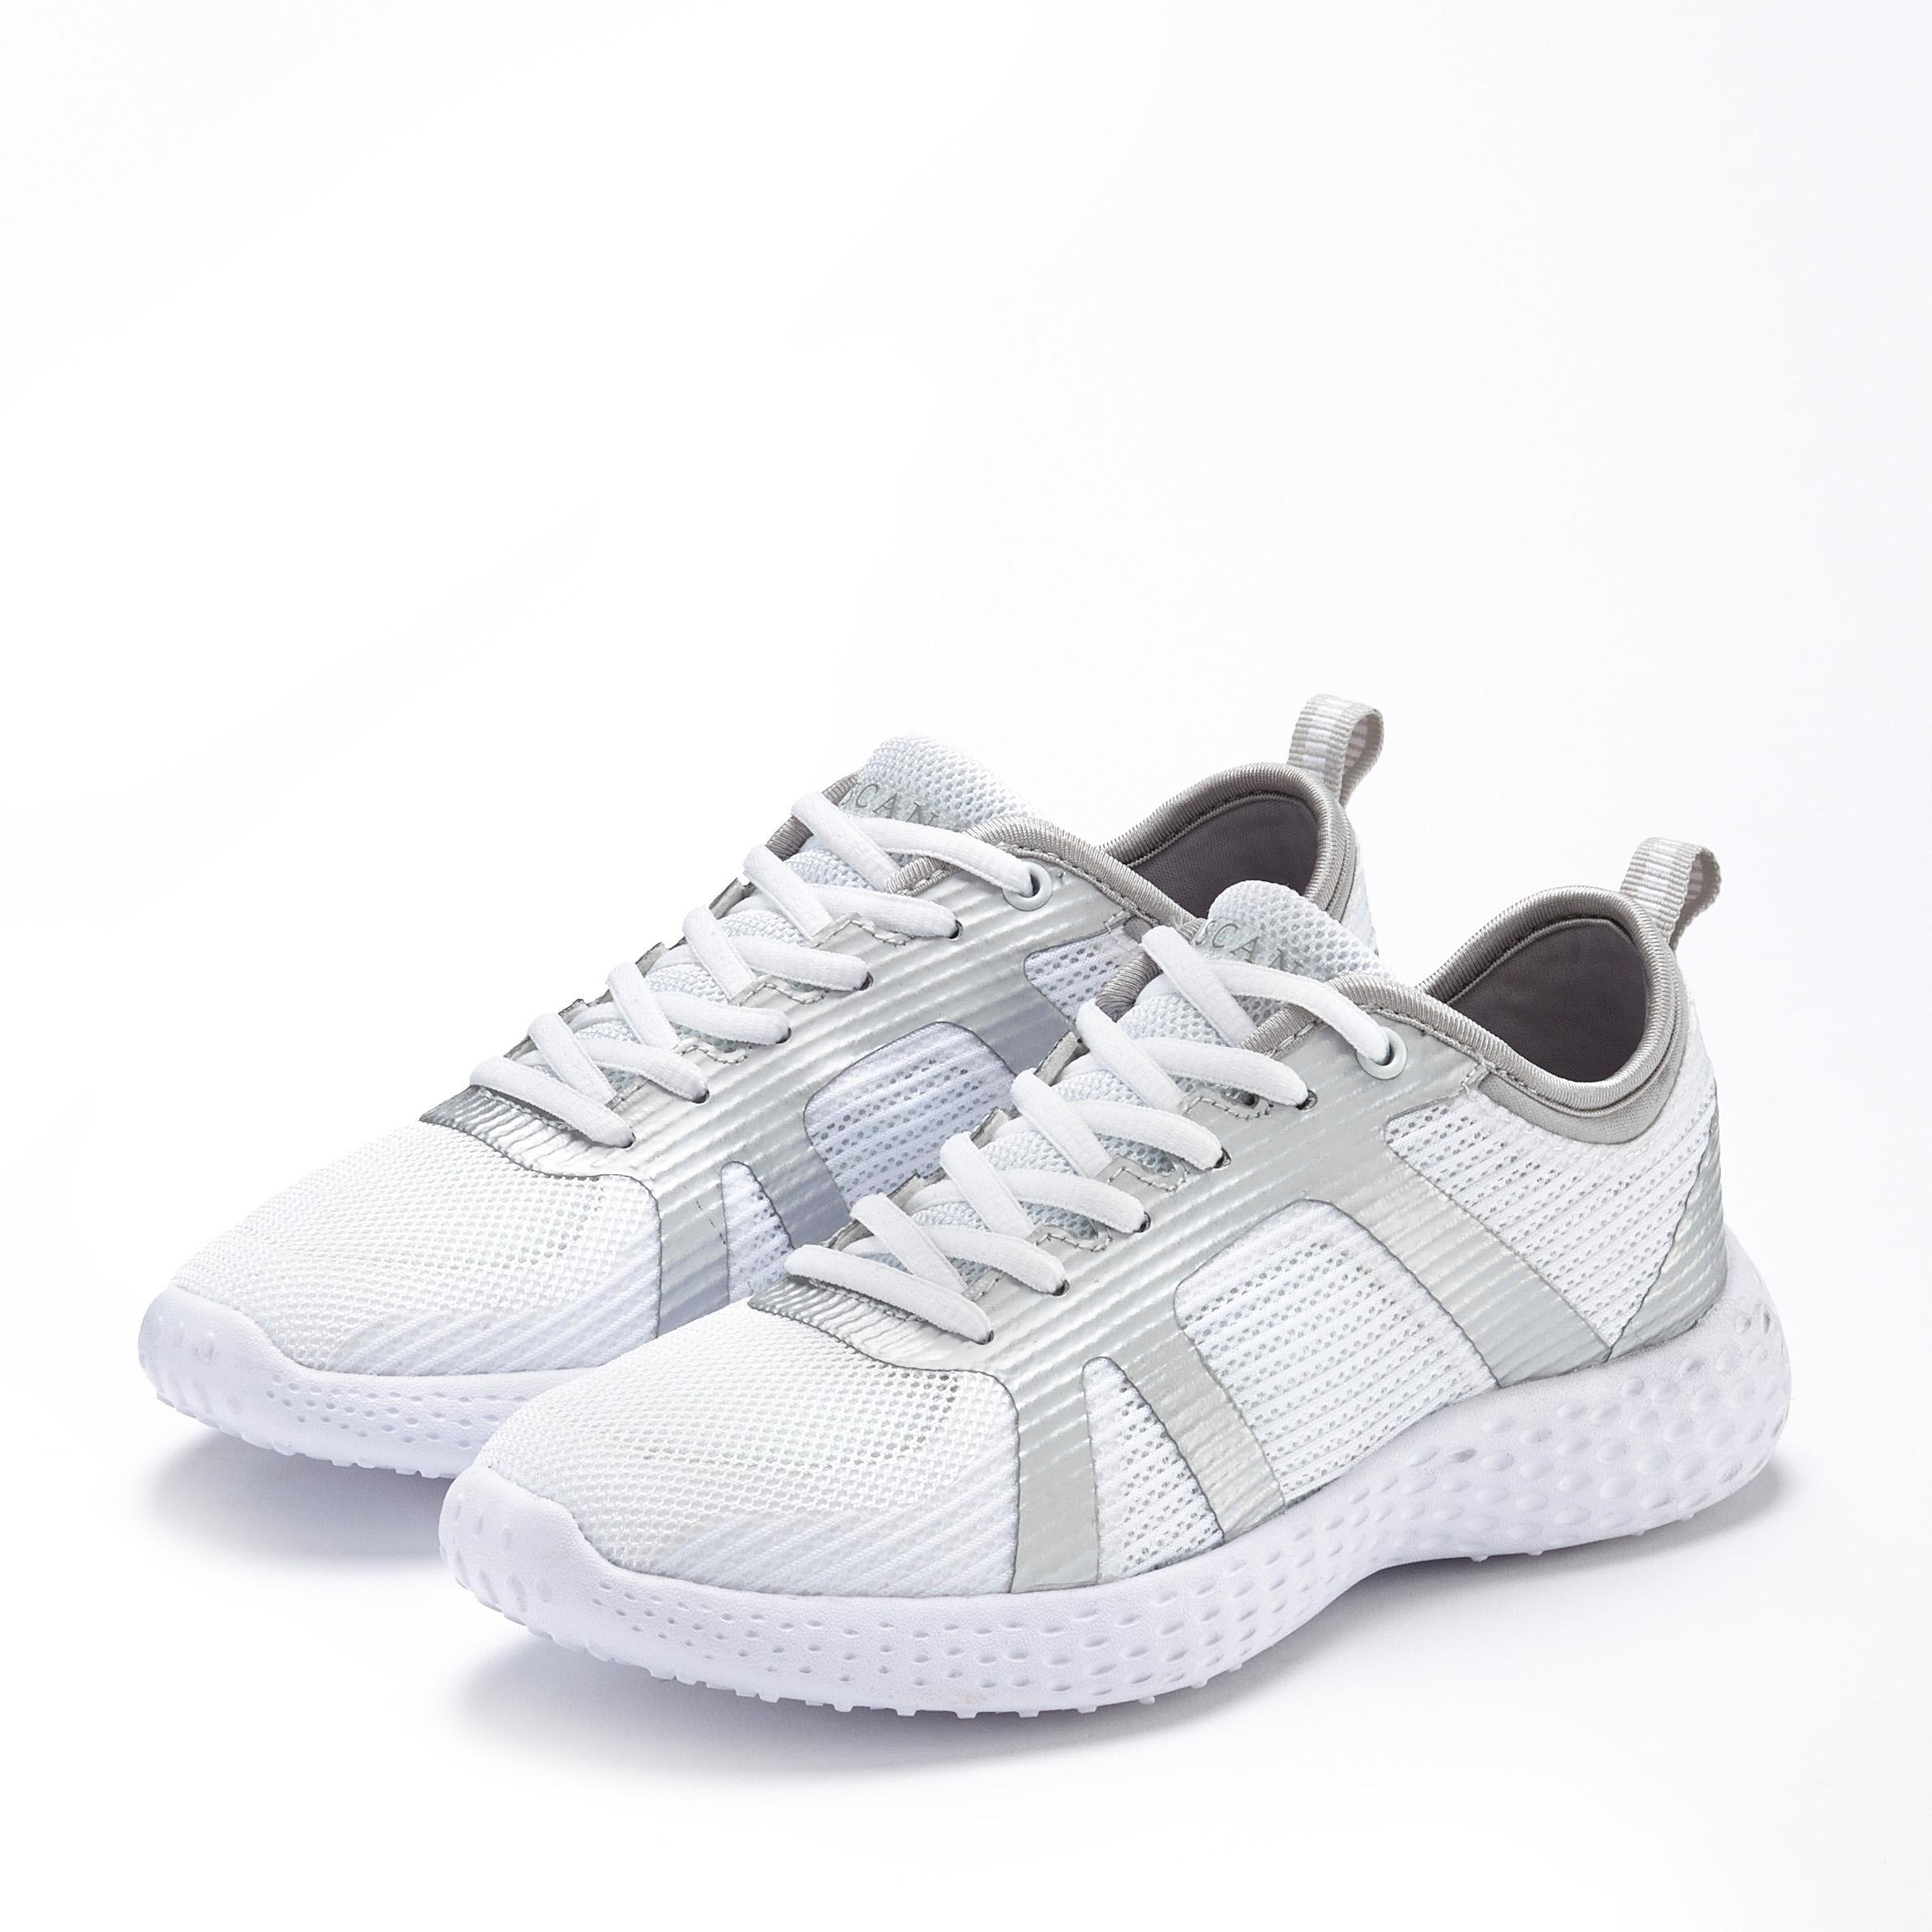 Lascana sneakers ultralicht met metallic-inzetten nu online kopen bij Lascana